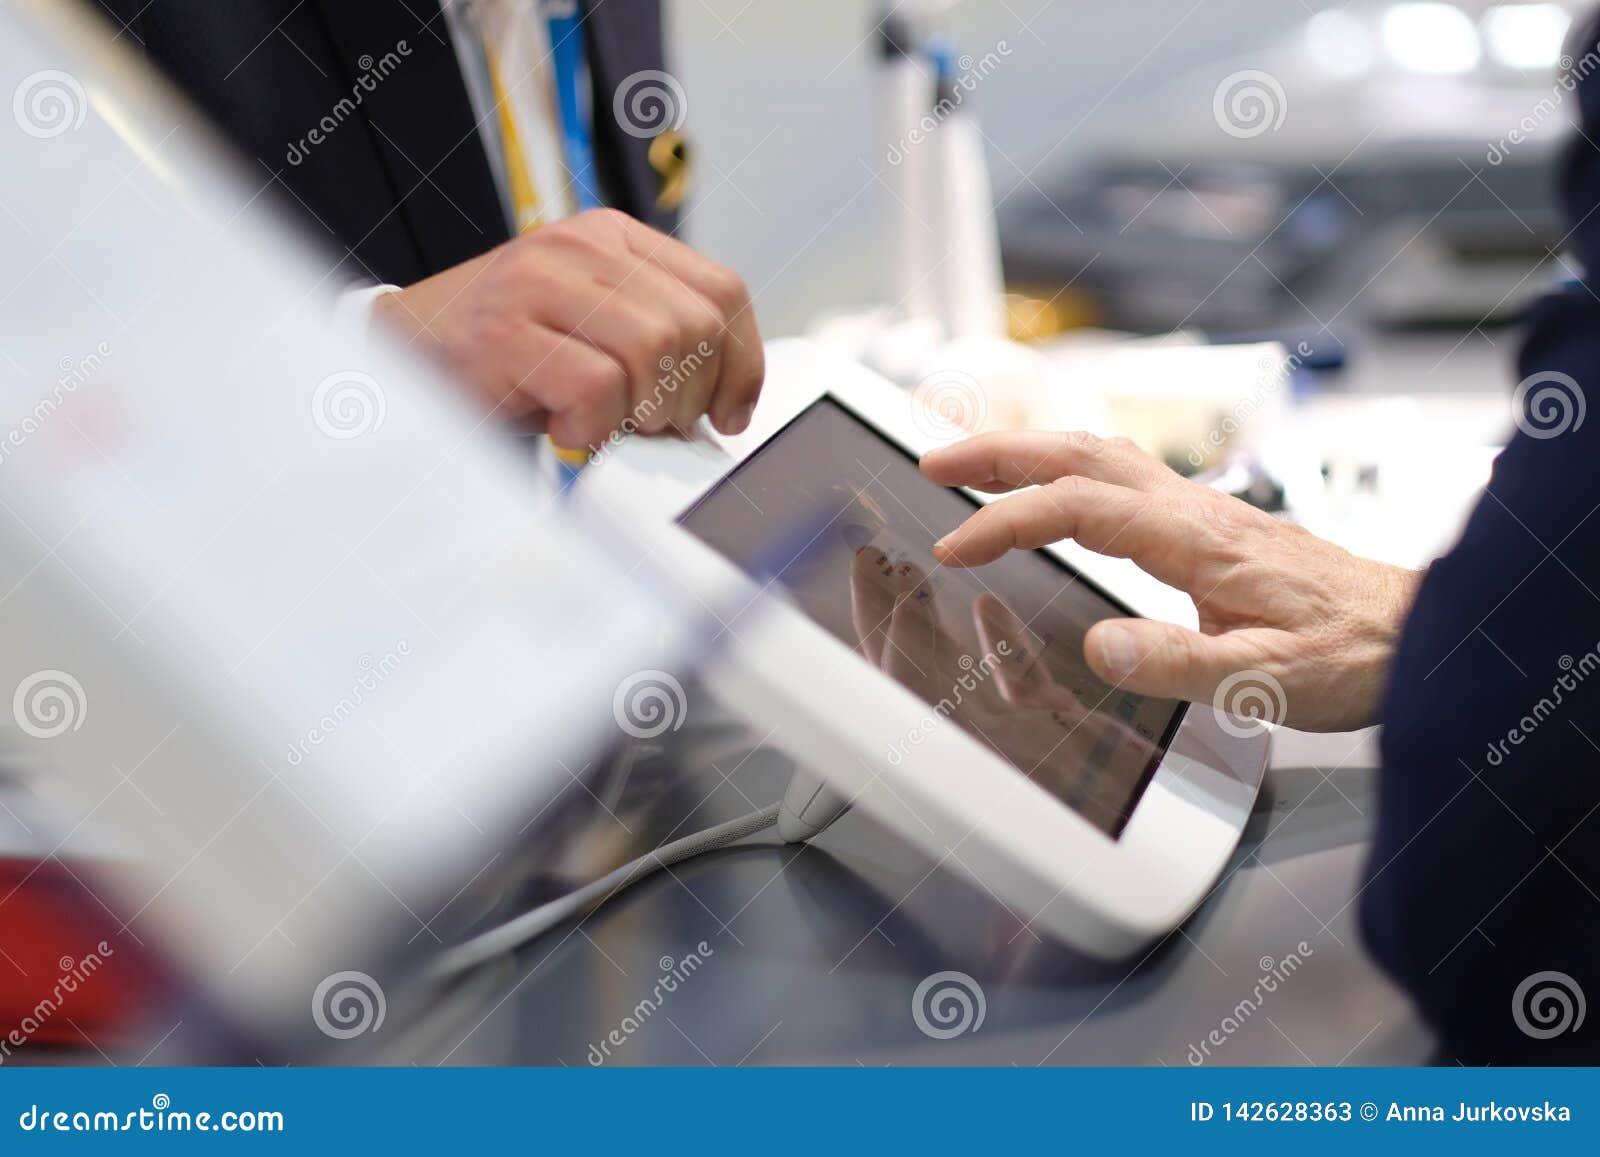 Представление возможностей медицинского оборудования